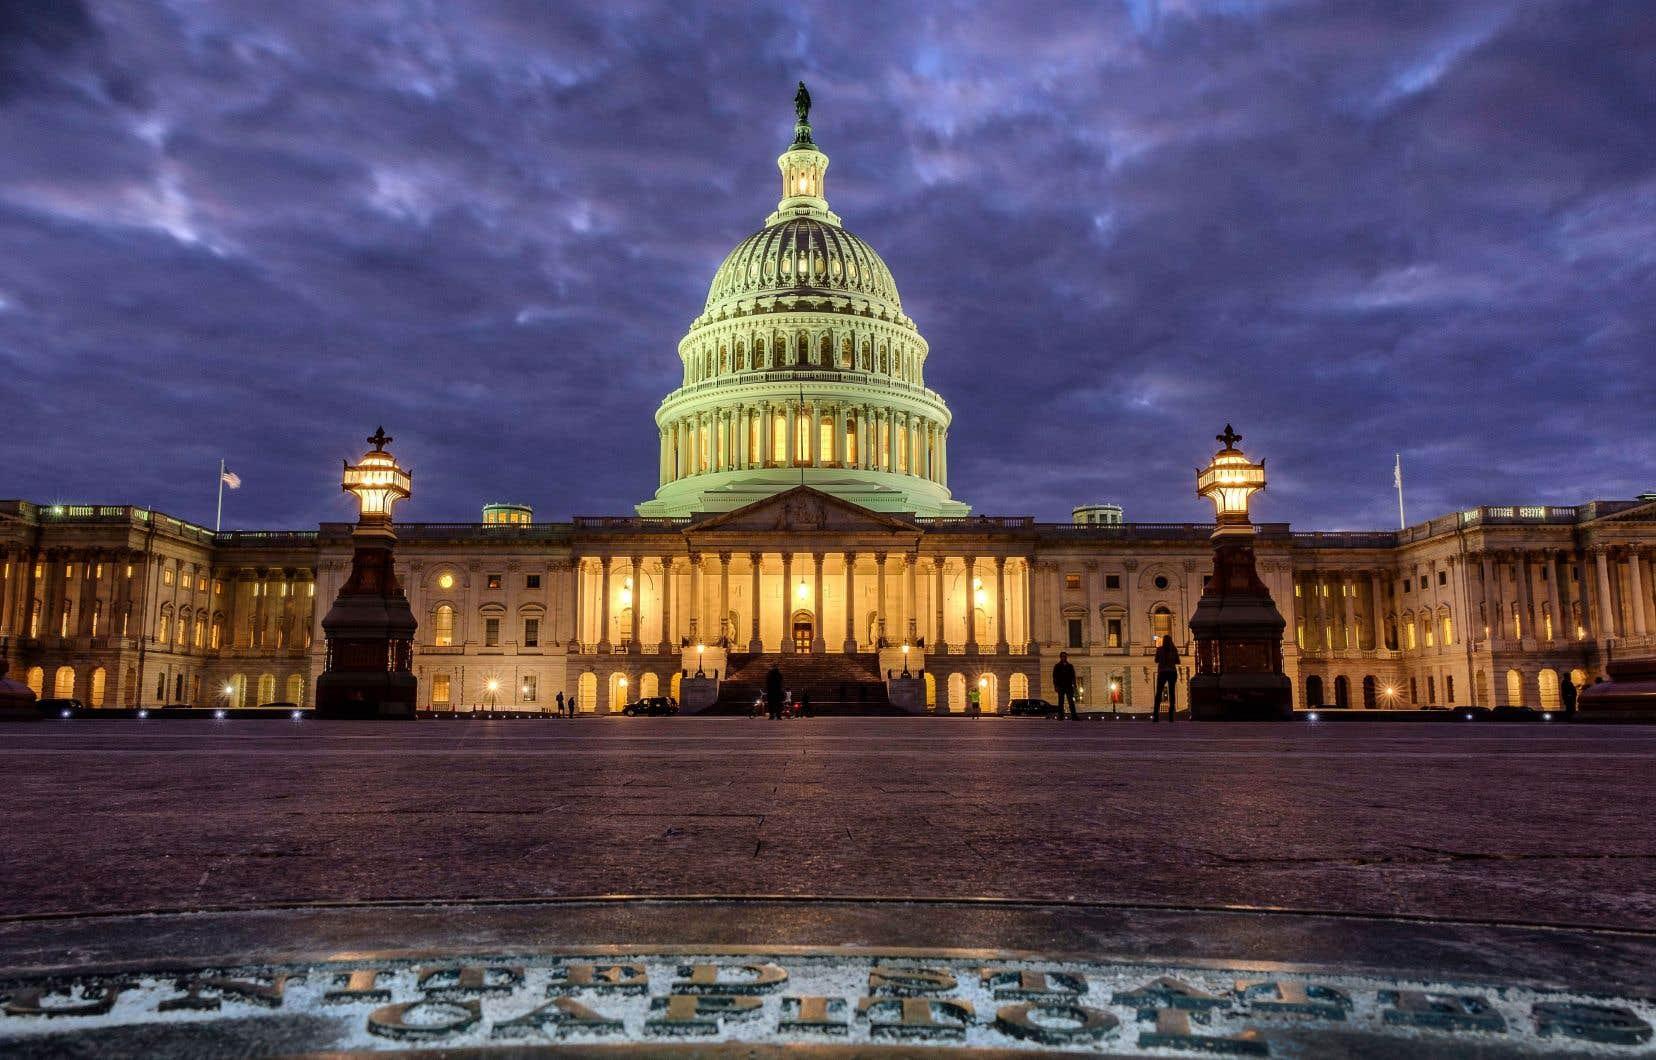 Les Américains étaient appelés à renouveler la Chambre des représentants et une partie du Sénat, mardi, deux ans après l'élection de Donald Trump à la présidence du pays.